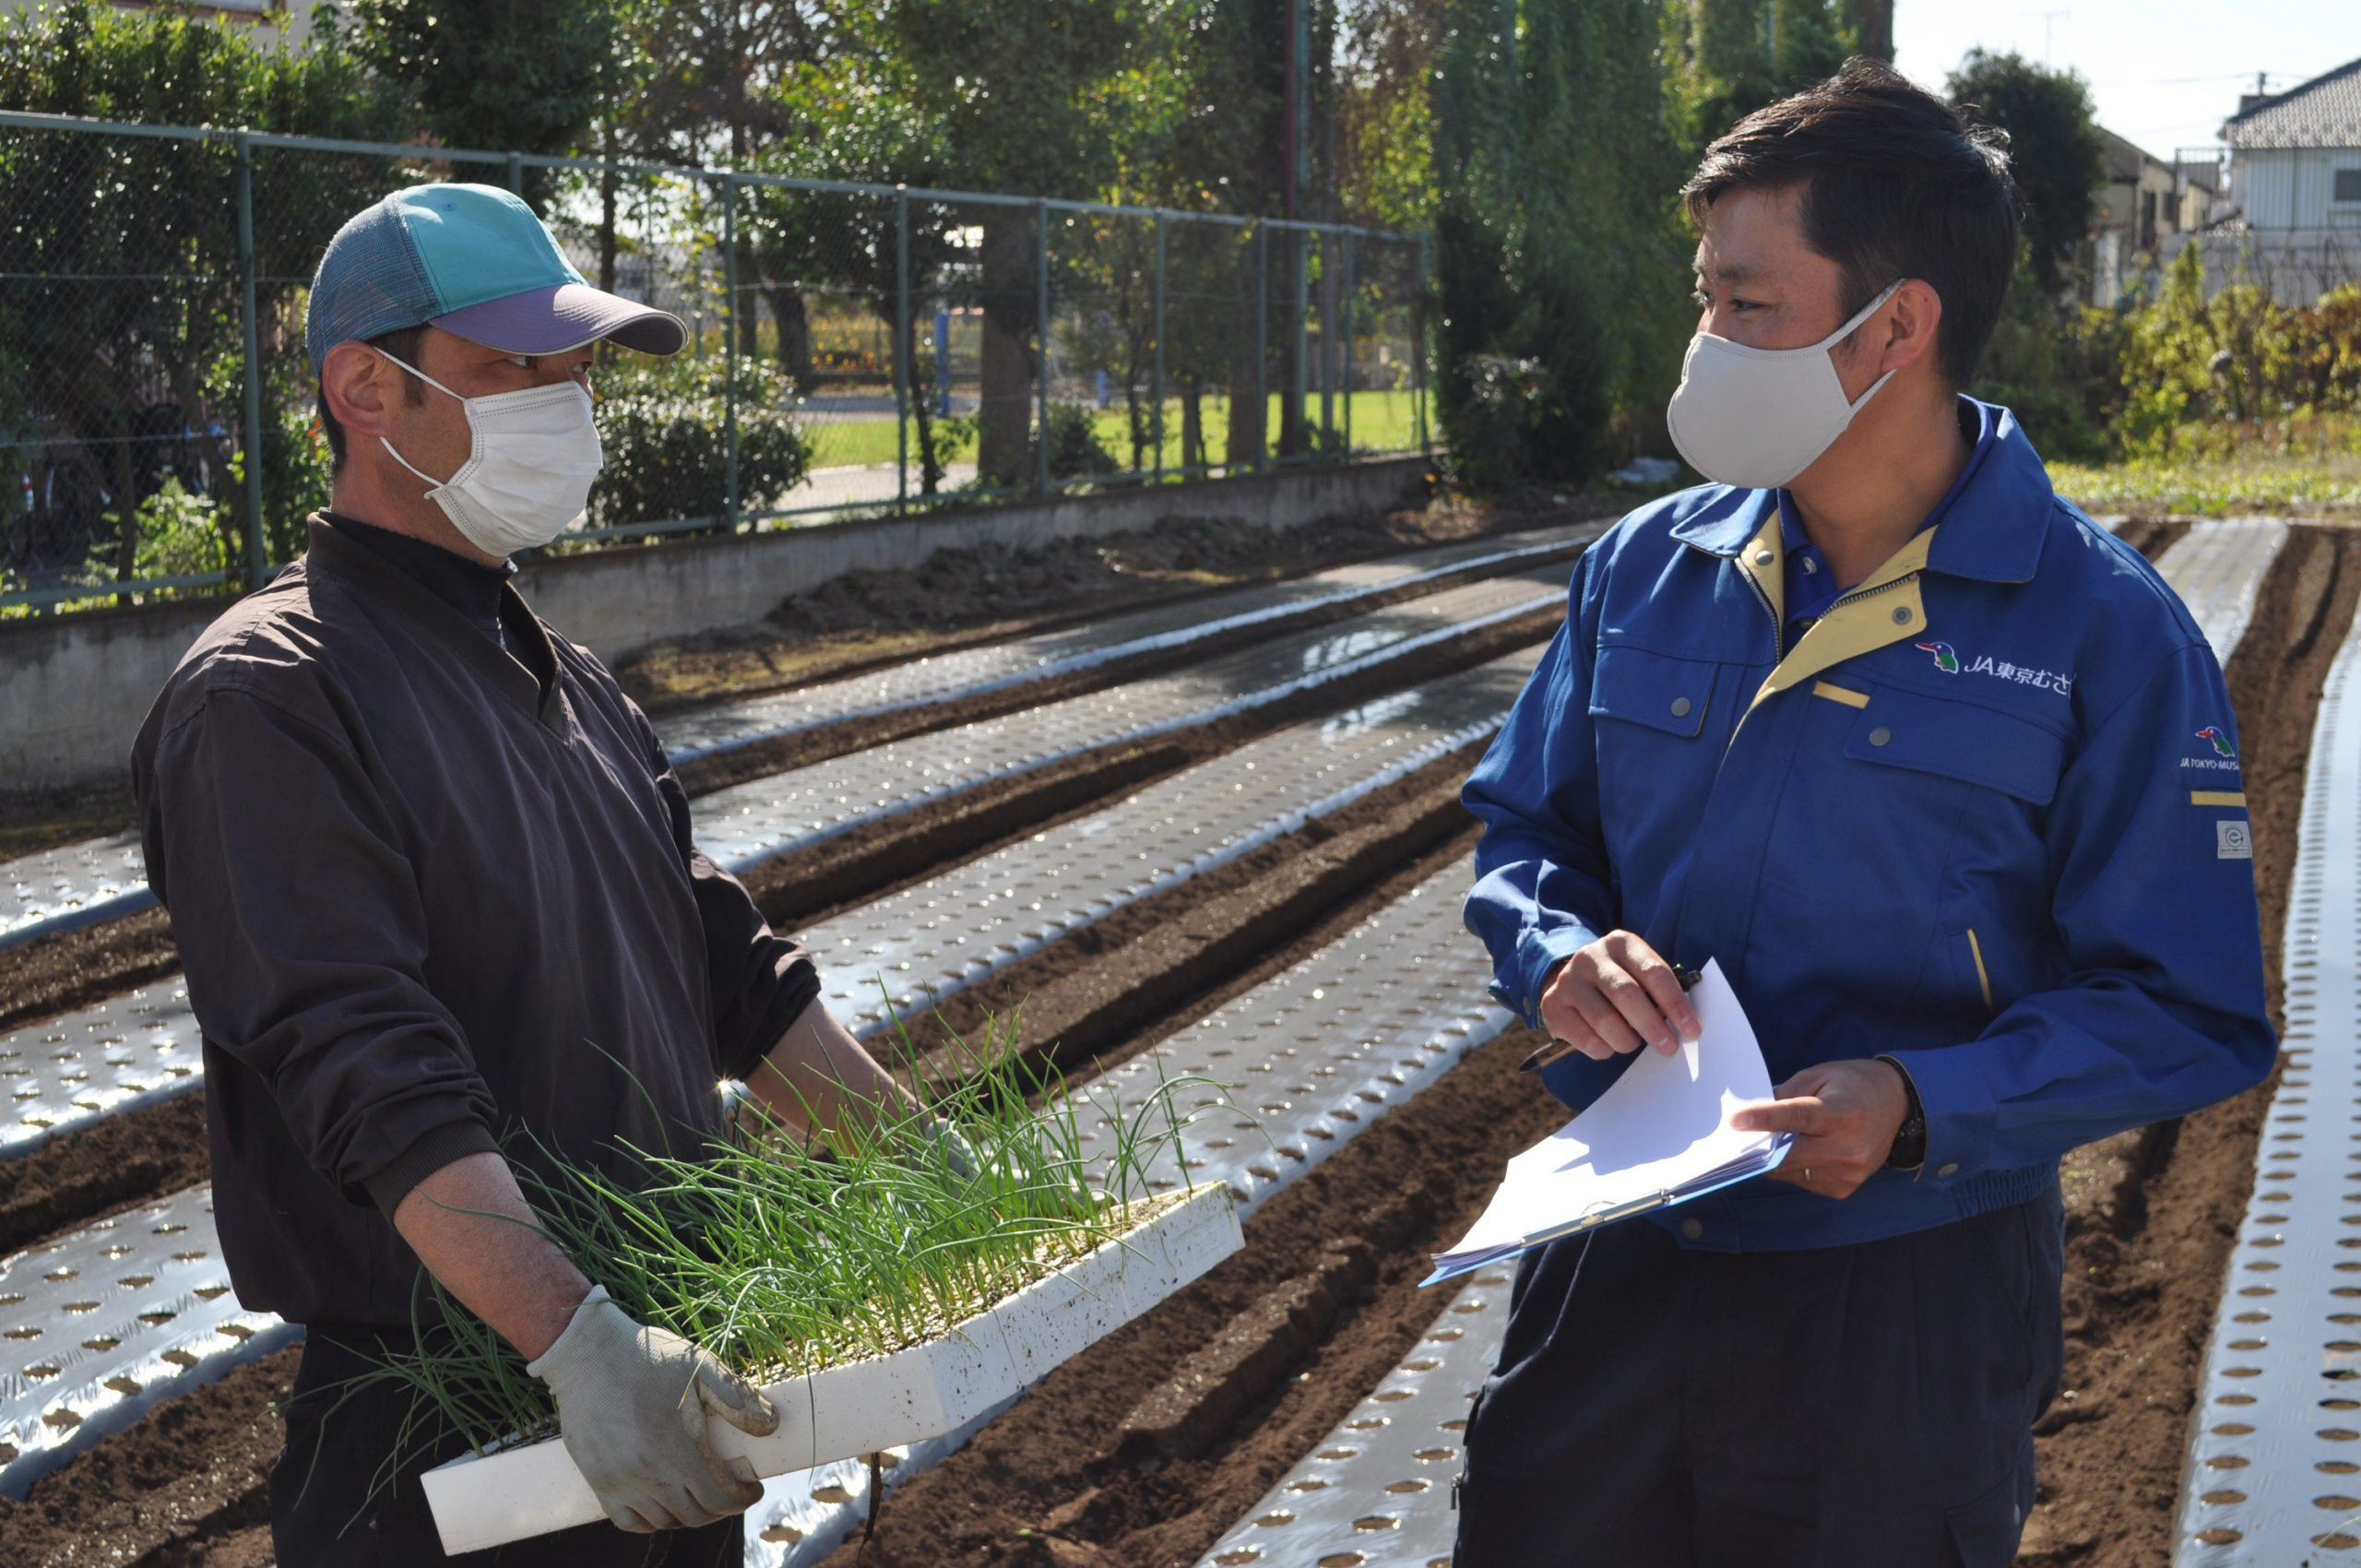 都市農地の貸借で農地活用 ニーズ調査でマッチング成立